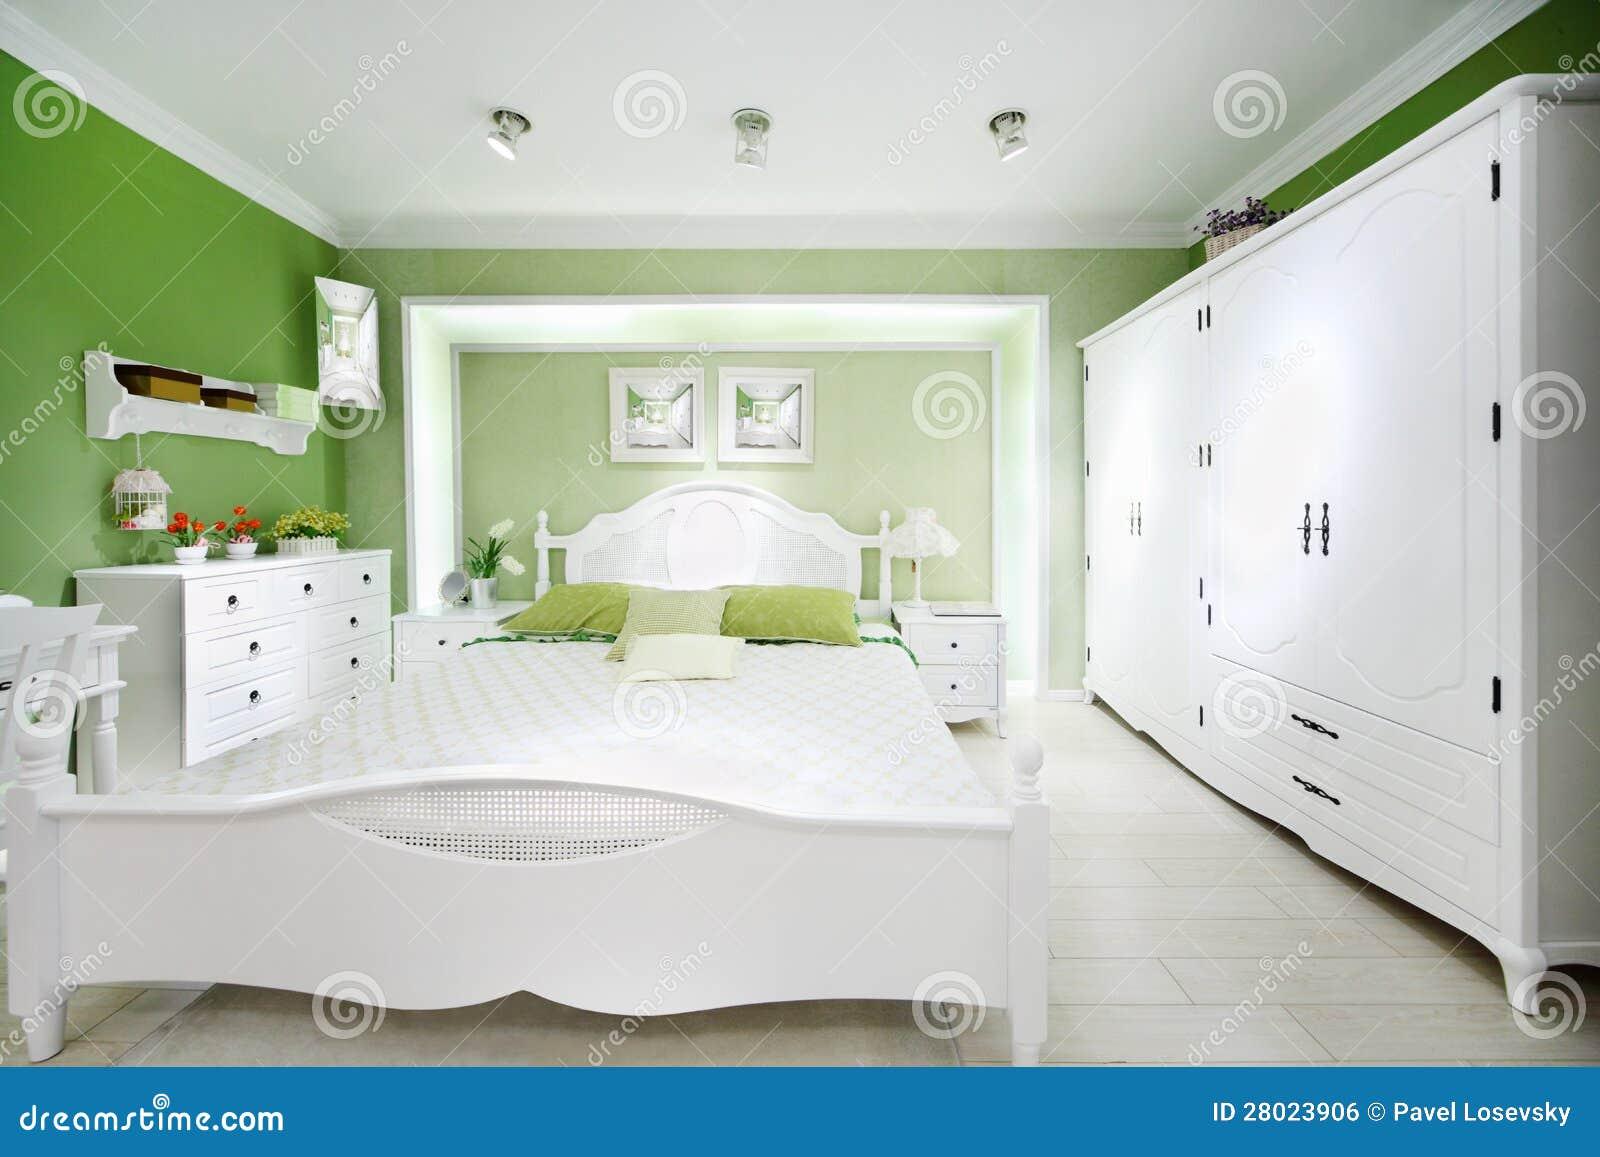 Stilvolles Grünes Schlafzimmer Stockfoto - Bild von luxus, dekor ...